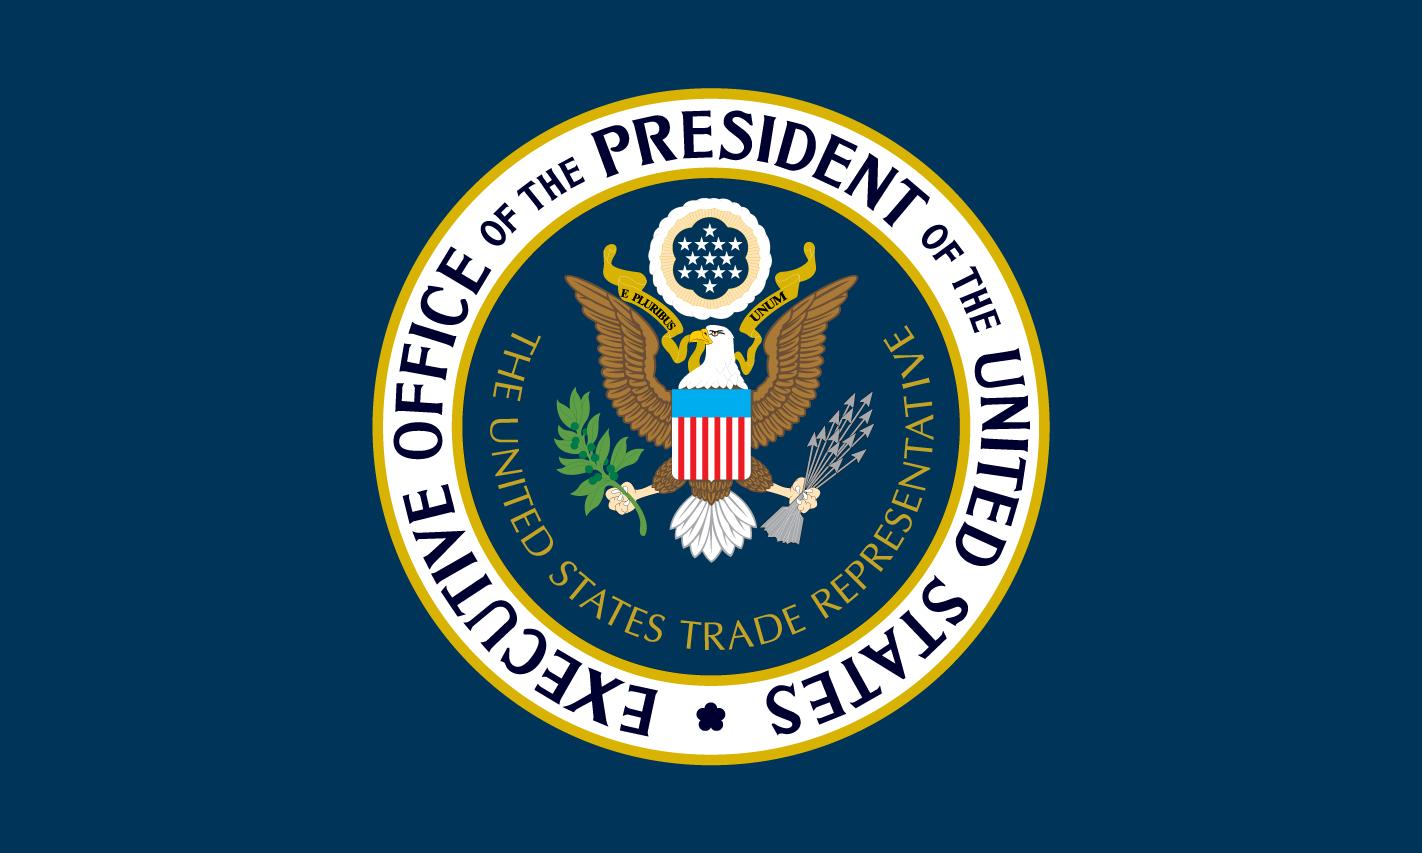 الولايات المتحدة تعقد جلسة استماعية حول لائحة من التعريفات الجمركية المقترحة